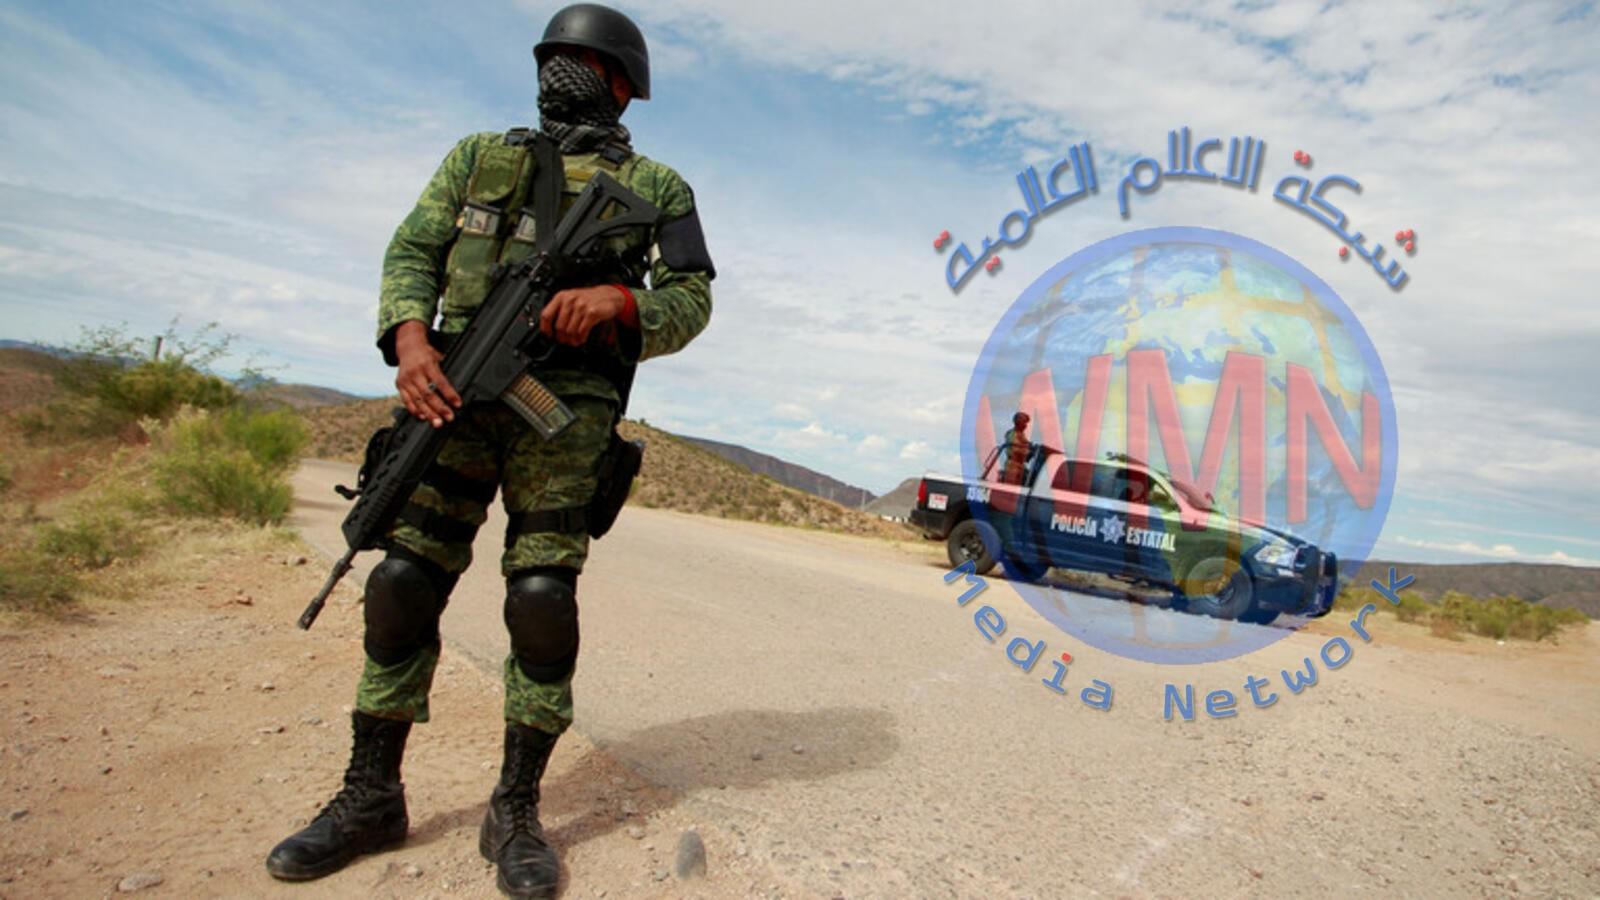 مصرع 14 شخصا في اشتباكات بين الشرطة وتجار المخدرات في المكسيك